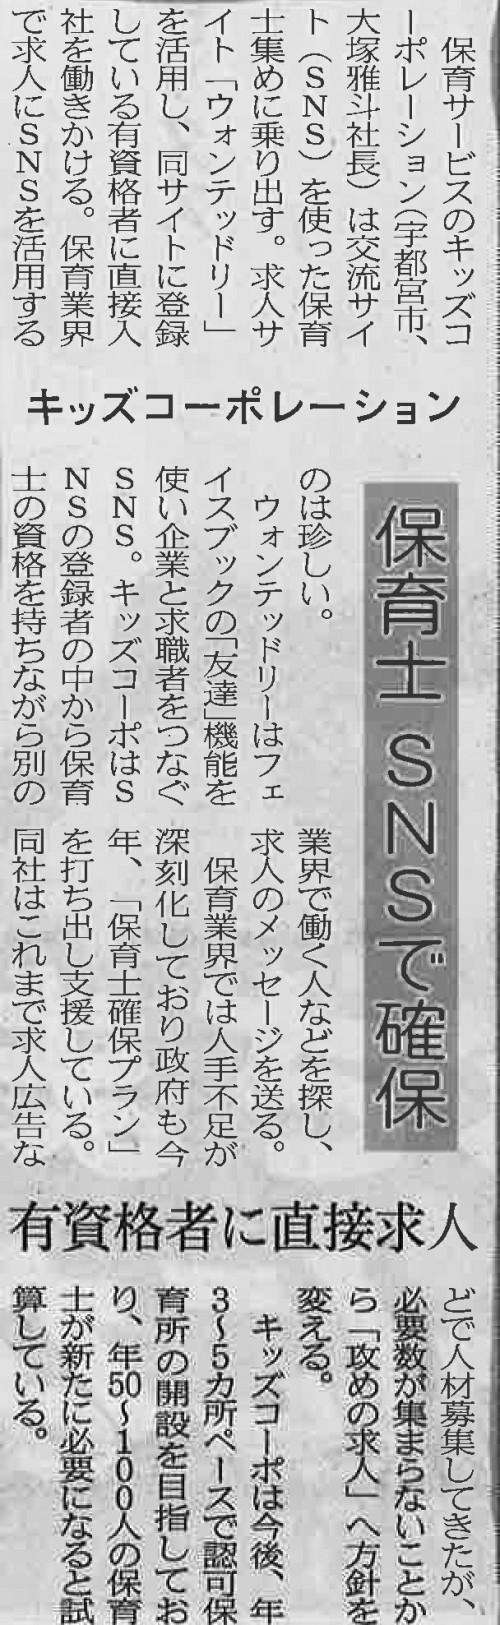 20150907日経新聞全国版(ウォンテッドリー)